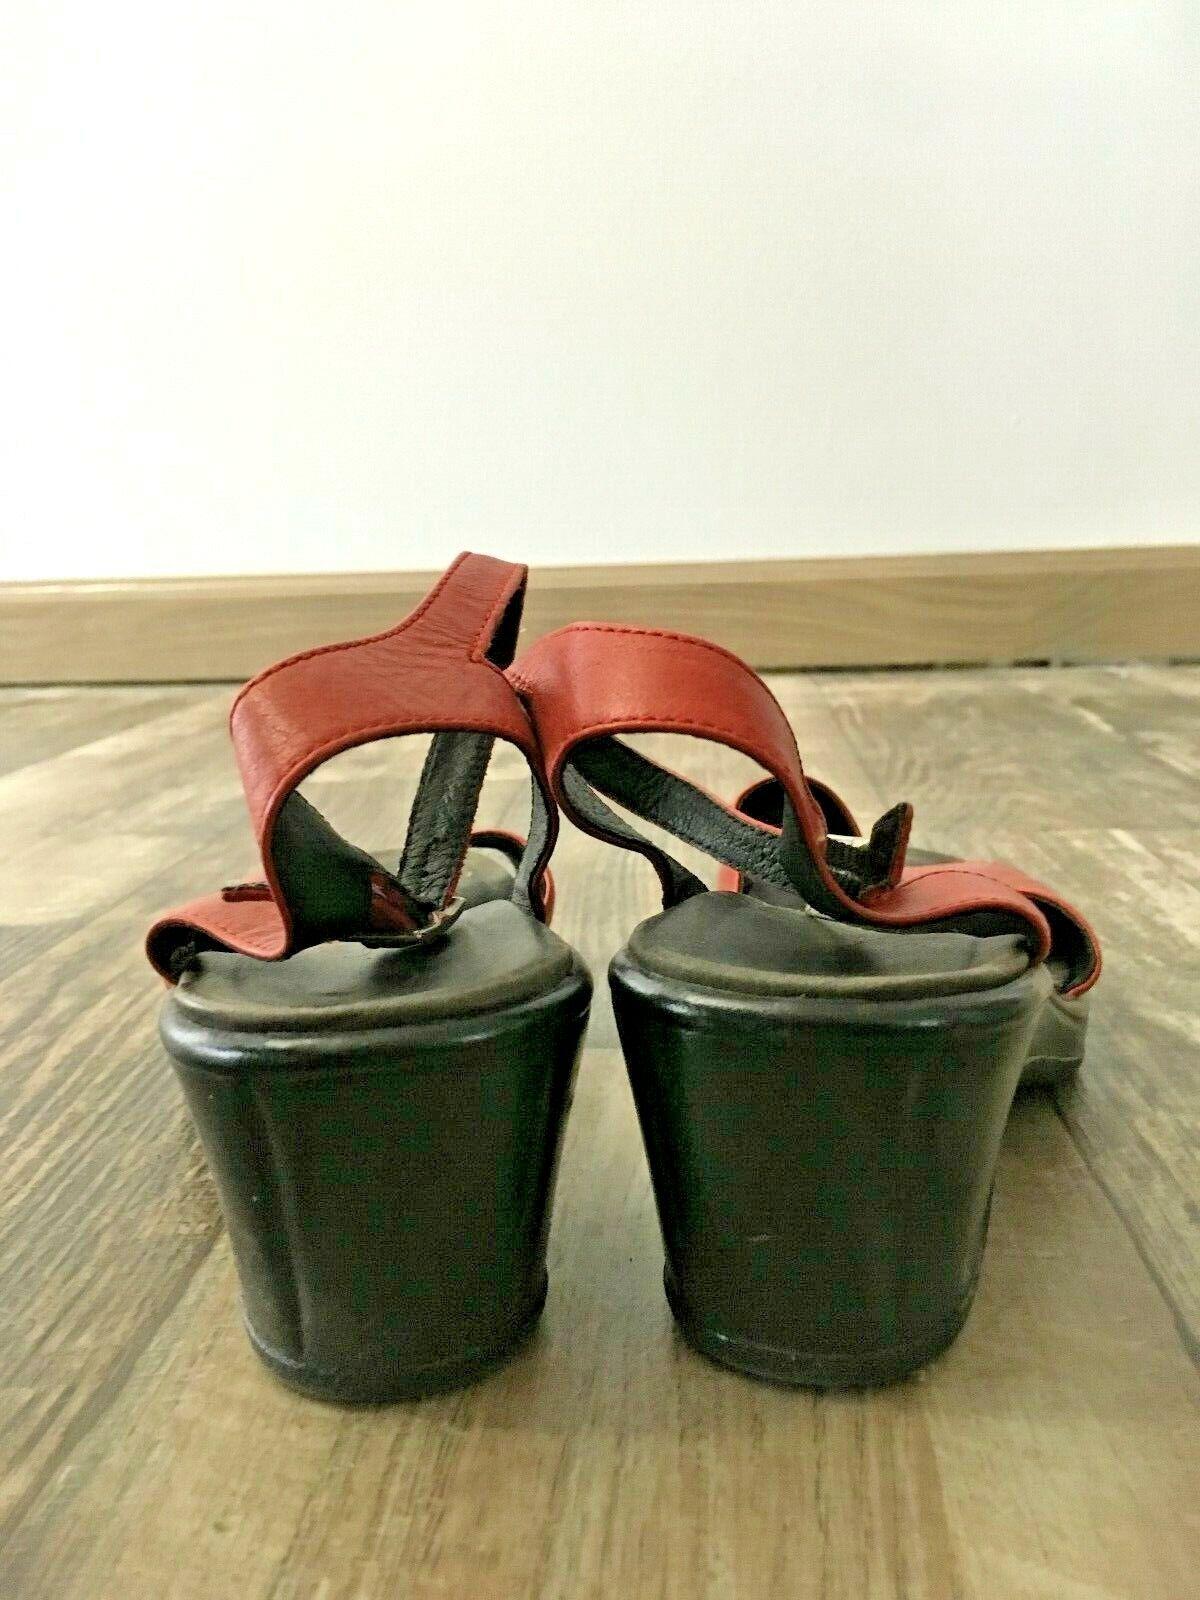 Dansko Red Leather Sandal - 38 - image 3